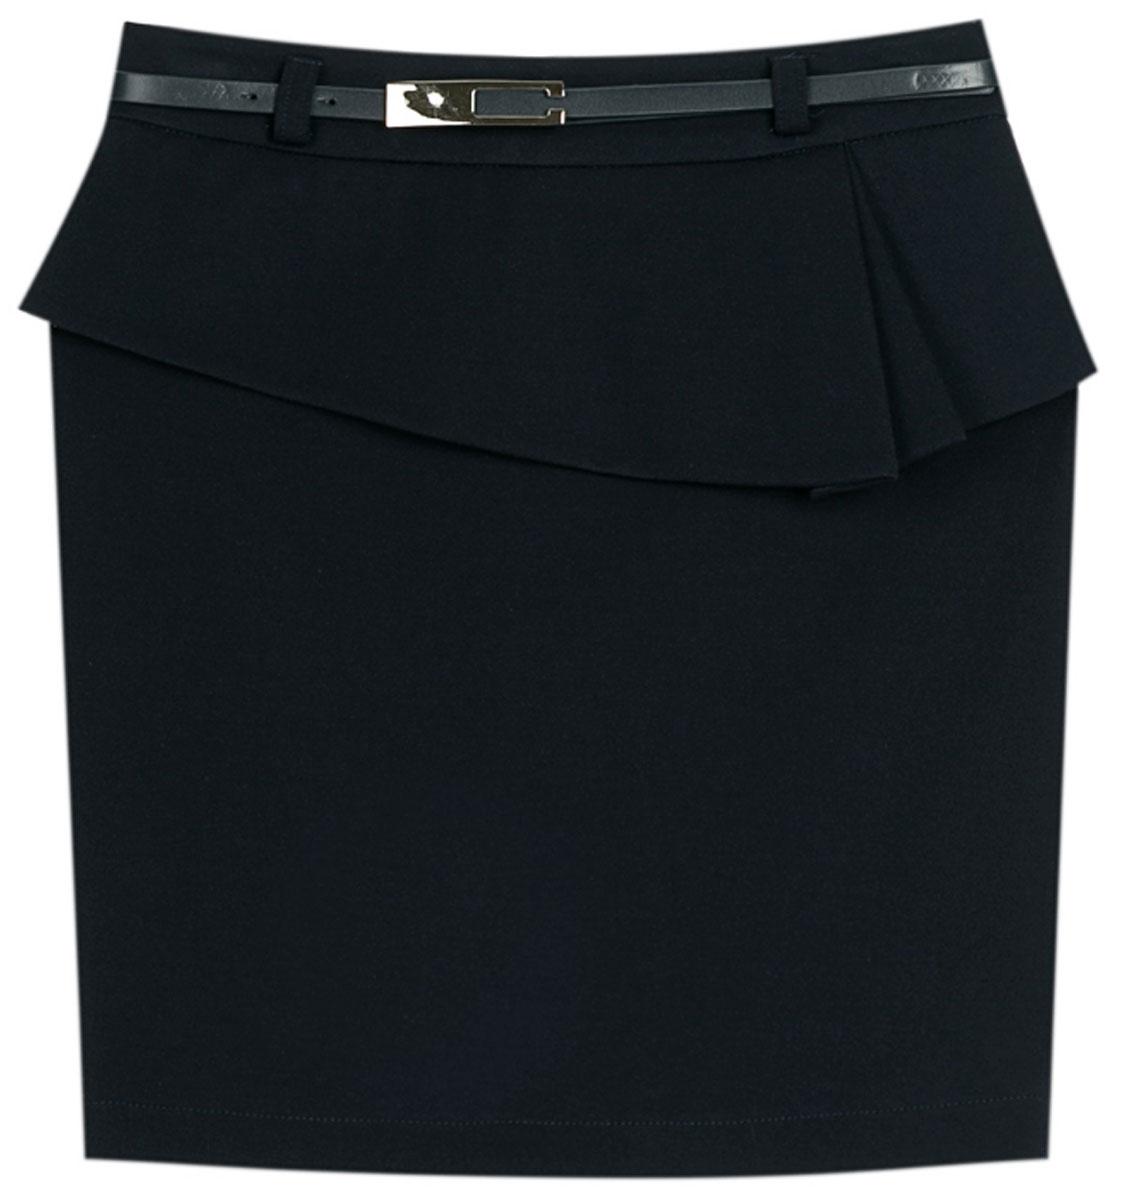 Юбка для девочки Vitacci, цвет: черный. 2173043L-03. Размер 1462173043L-03Стильная юбка для девочки от Vitacci выполнена из вискозы и нейлона с добавлением эластана. Модель дополнена ремешком и баской, застегивается на молнию.